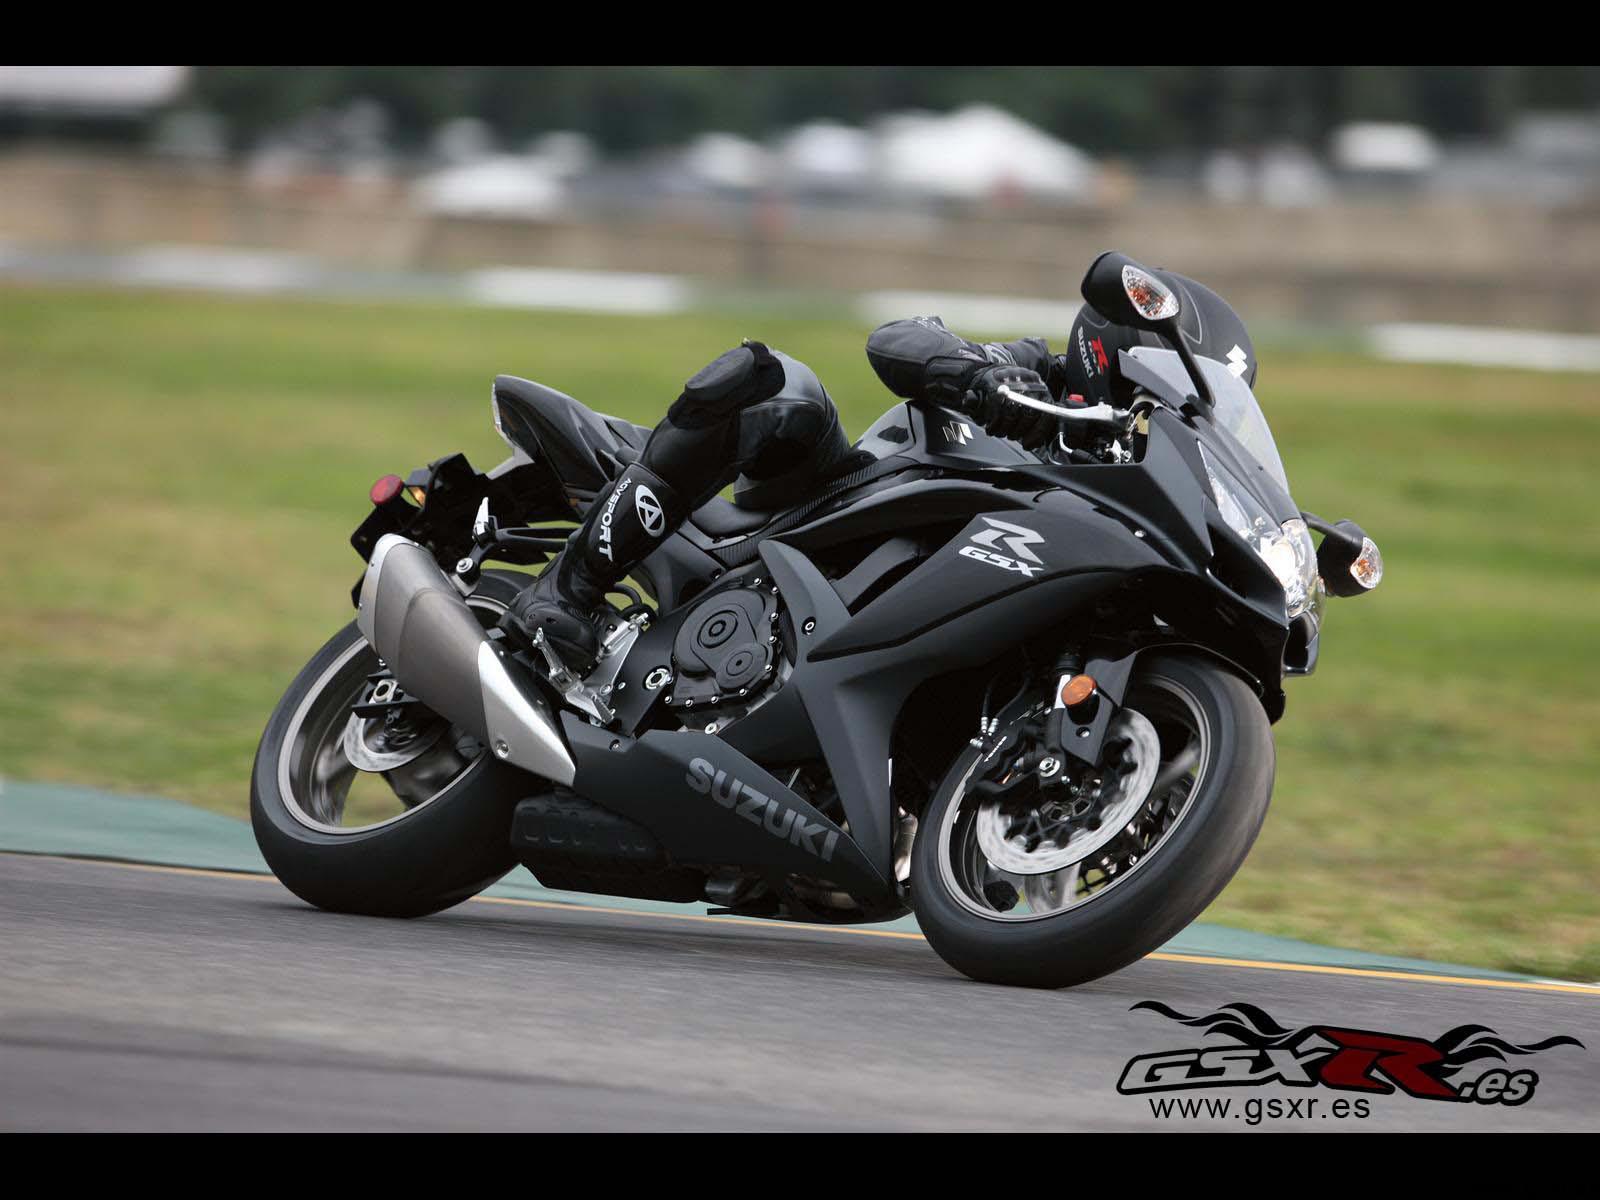 Suzuki GSX-R 750 2009 negro